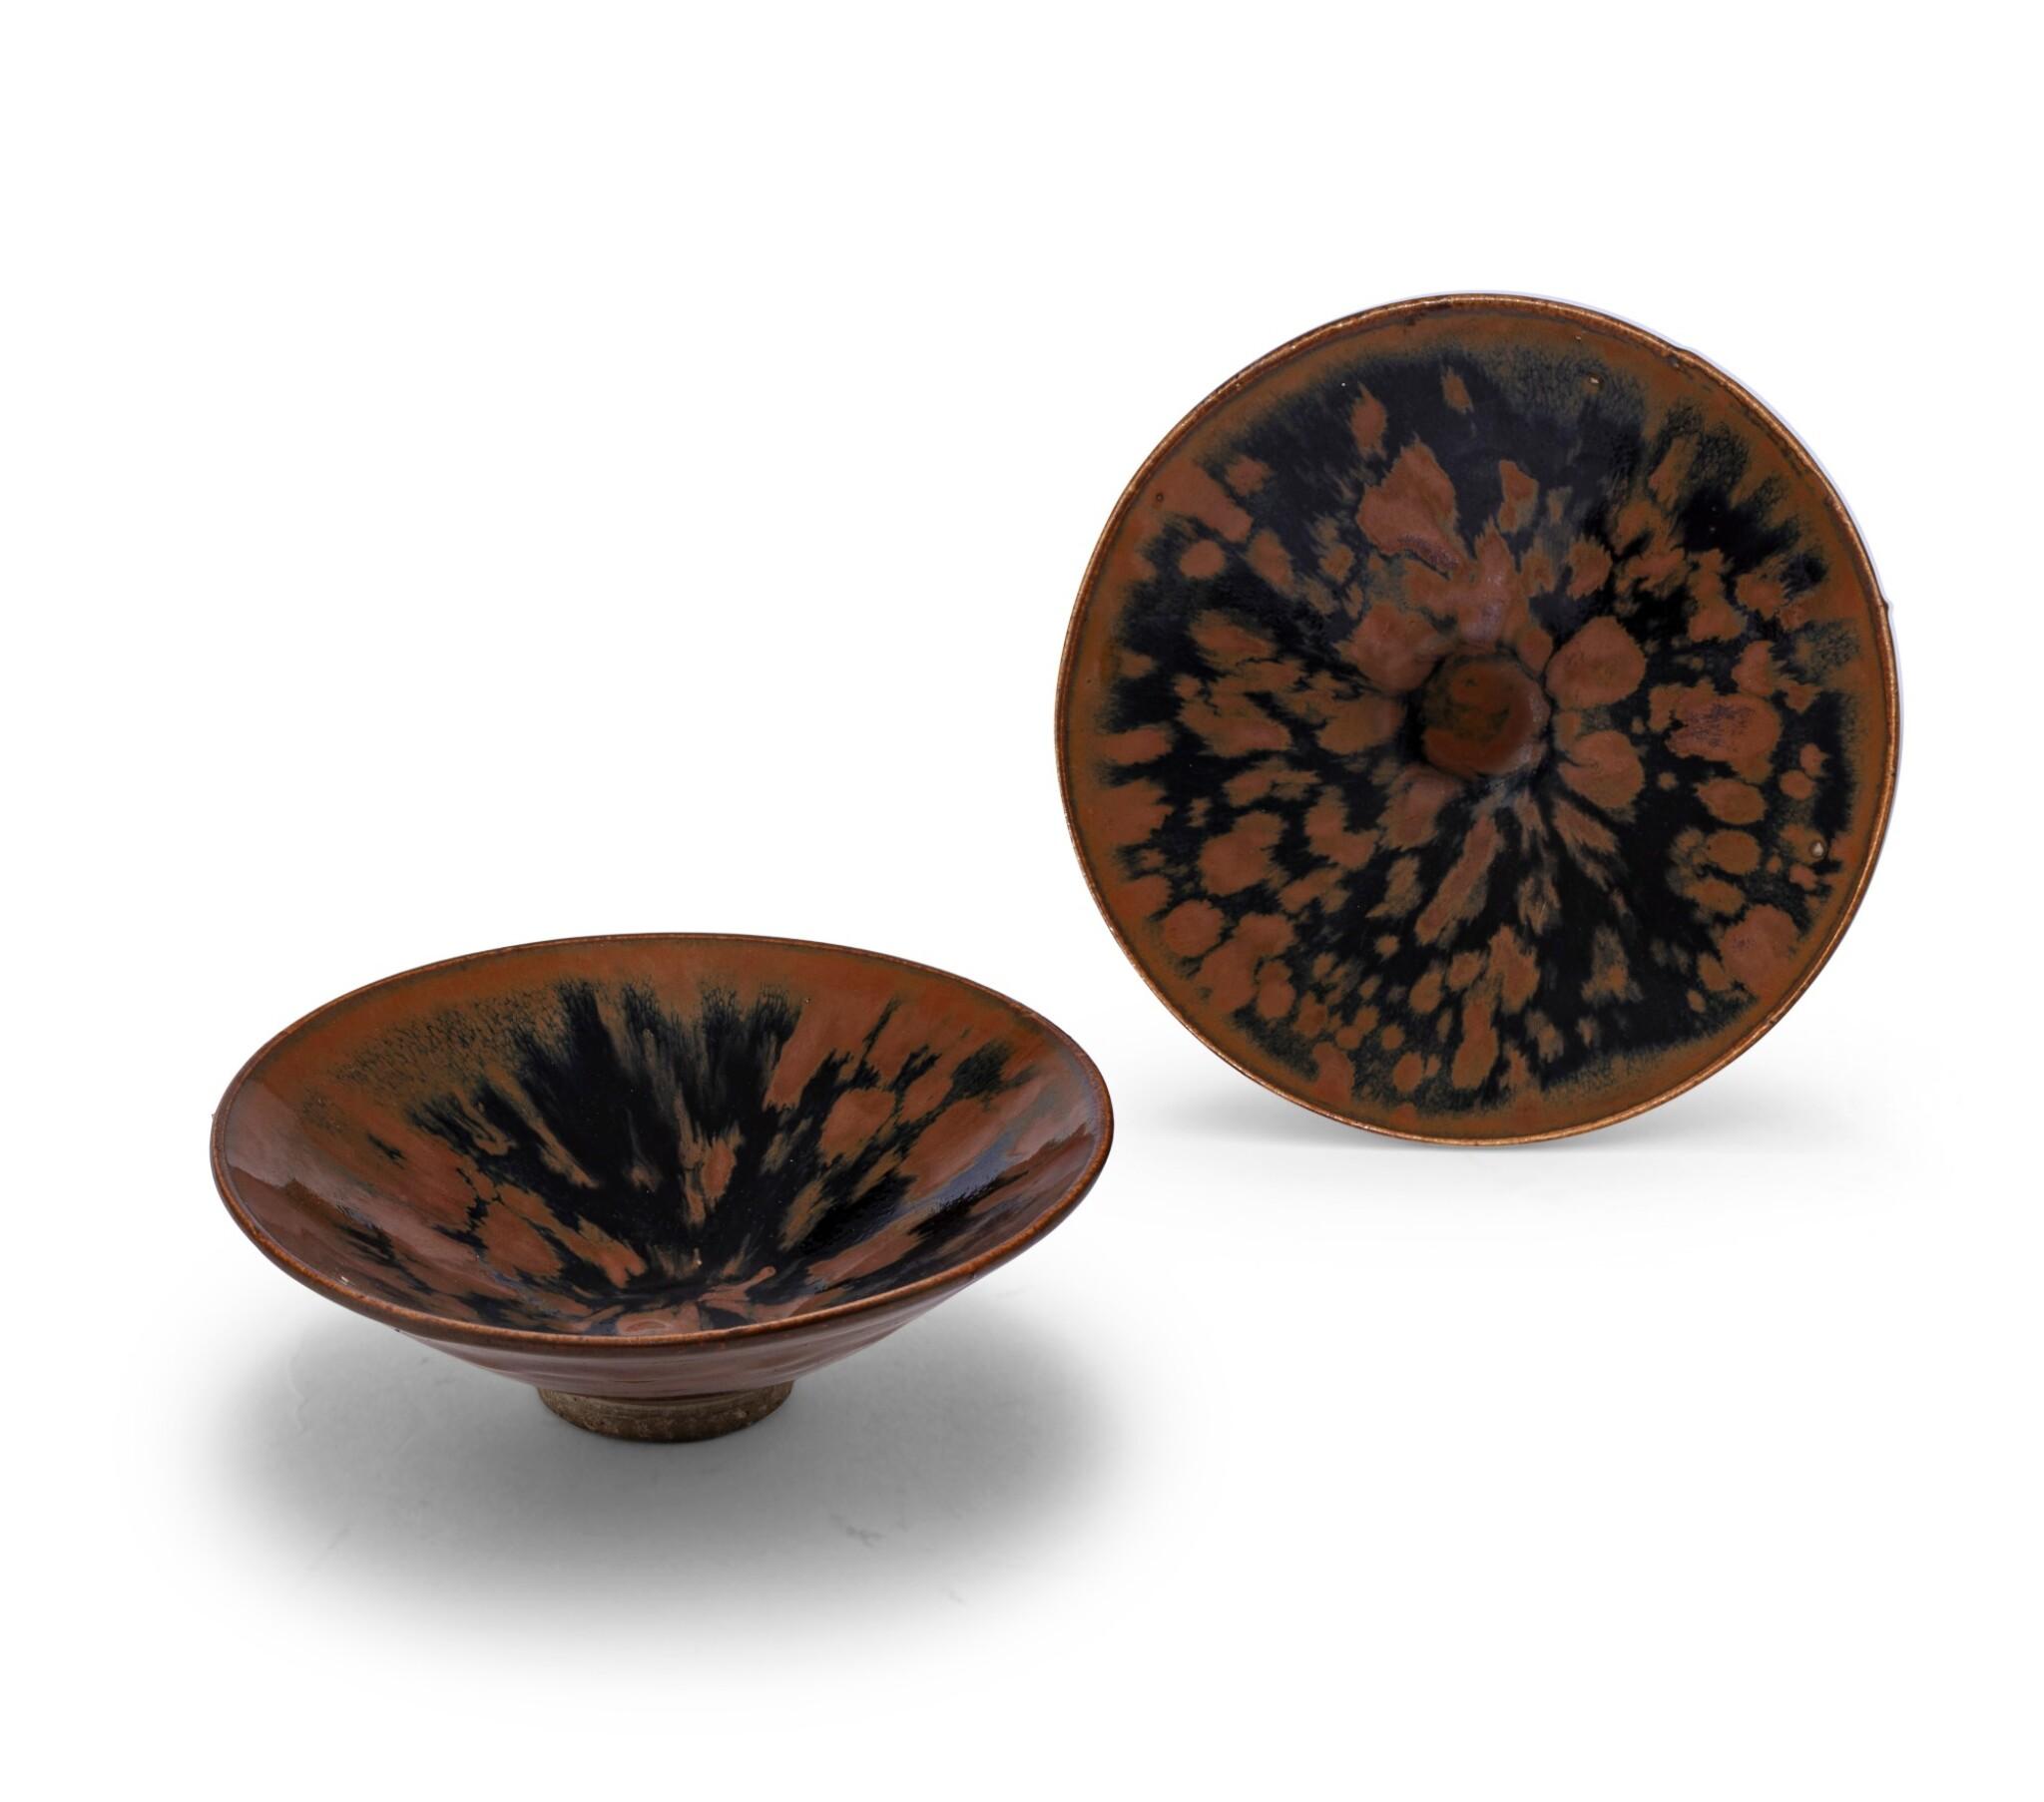 View 1 of Lot 15. Deux bols Cizhou en grès émaillé noir et brun à motif 'plumes de perdrix' Dynastie des Song du Nord - Dynastie Jin | 北宋至金 磁州窰鷓鴣斑笠式盌一組兩件 | Two Cizhou 'partridge feather' russet-splashed black glazed bowls, Northern Song-Jin Dynasty.